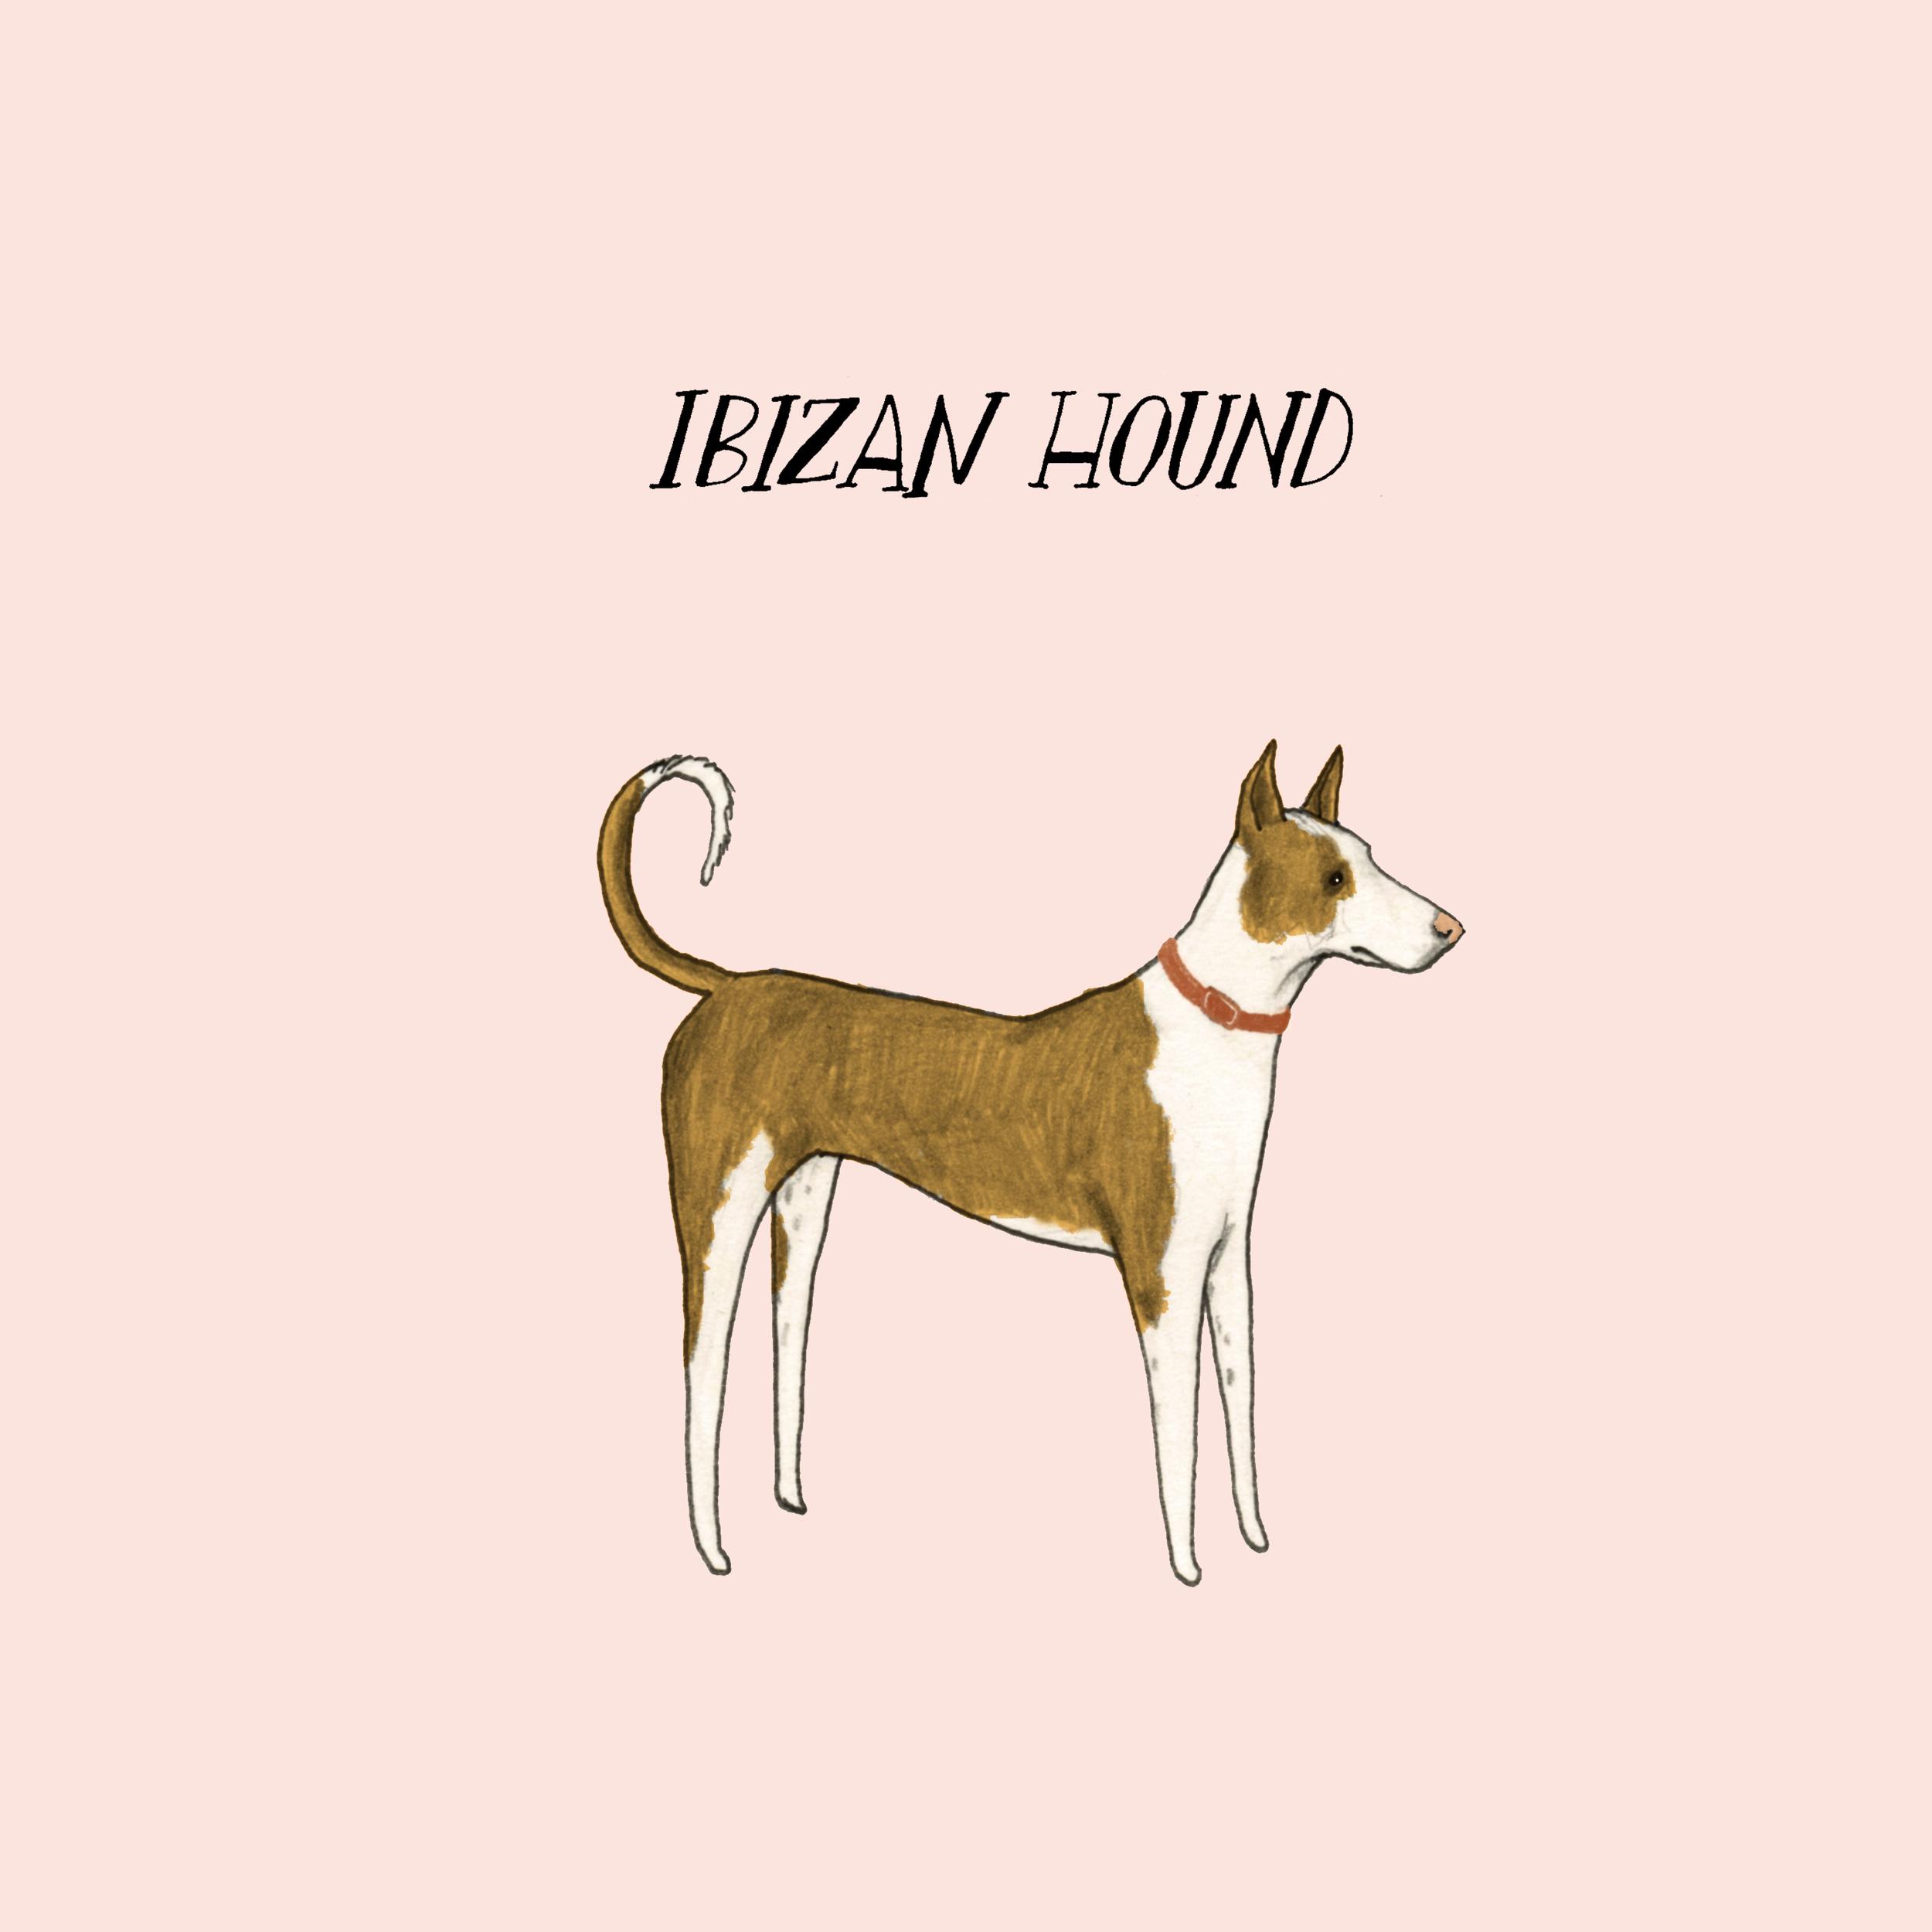 Dogadayibizanhound.jpg